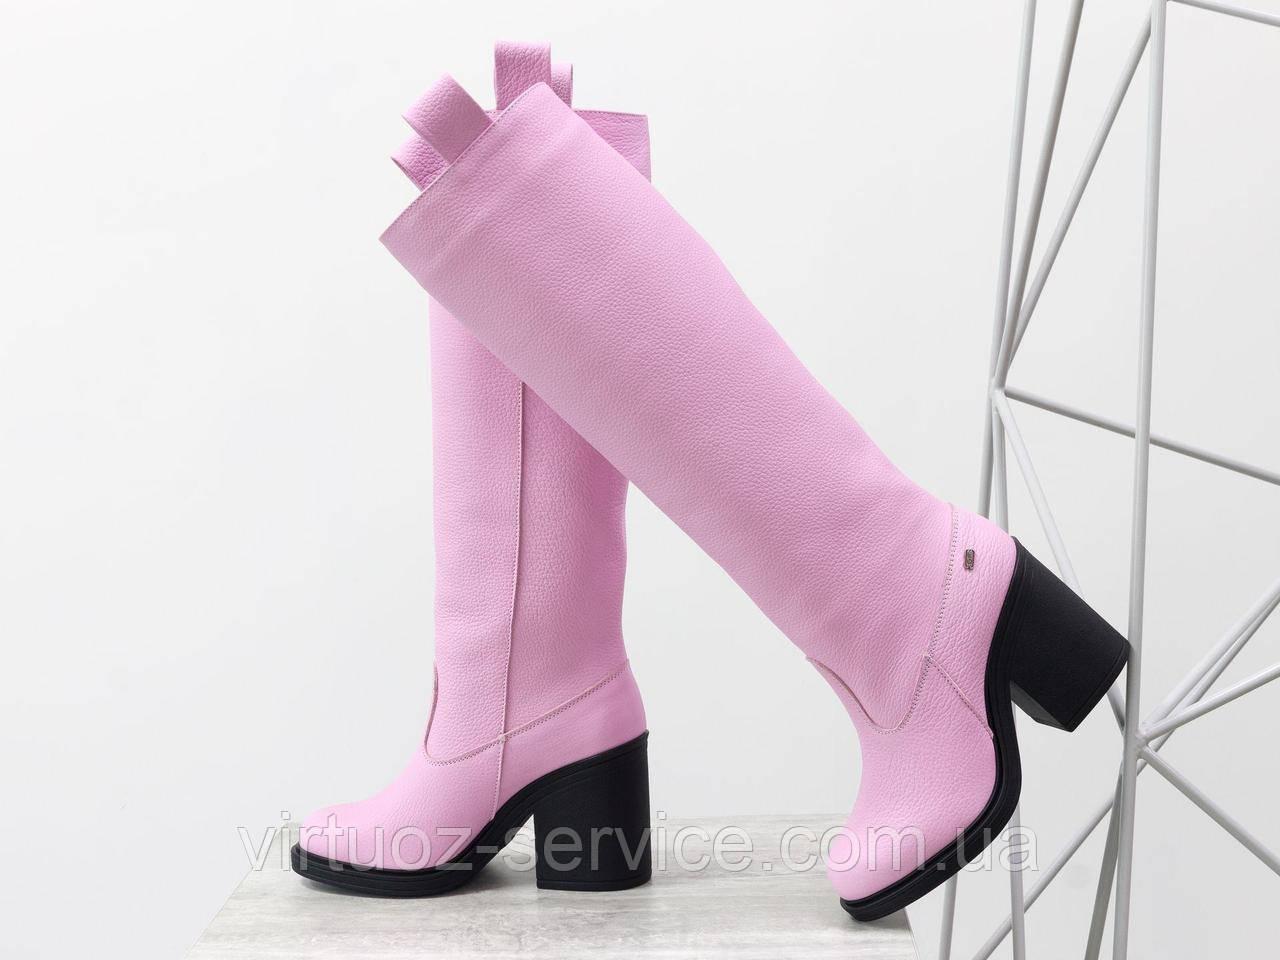 Сапоги Gino Figini М-17356-16 из натуральной кожи 38 Розовый